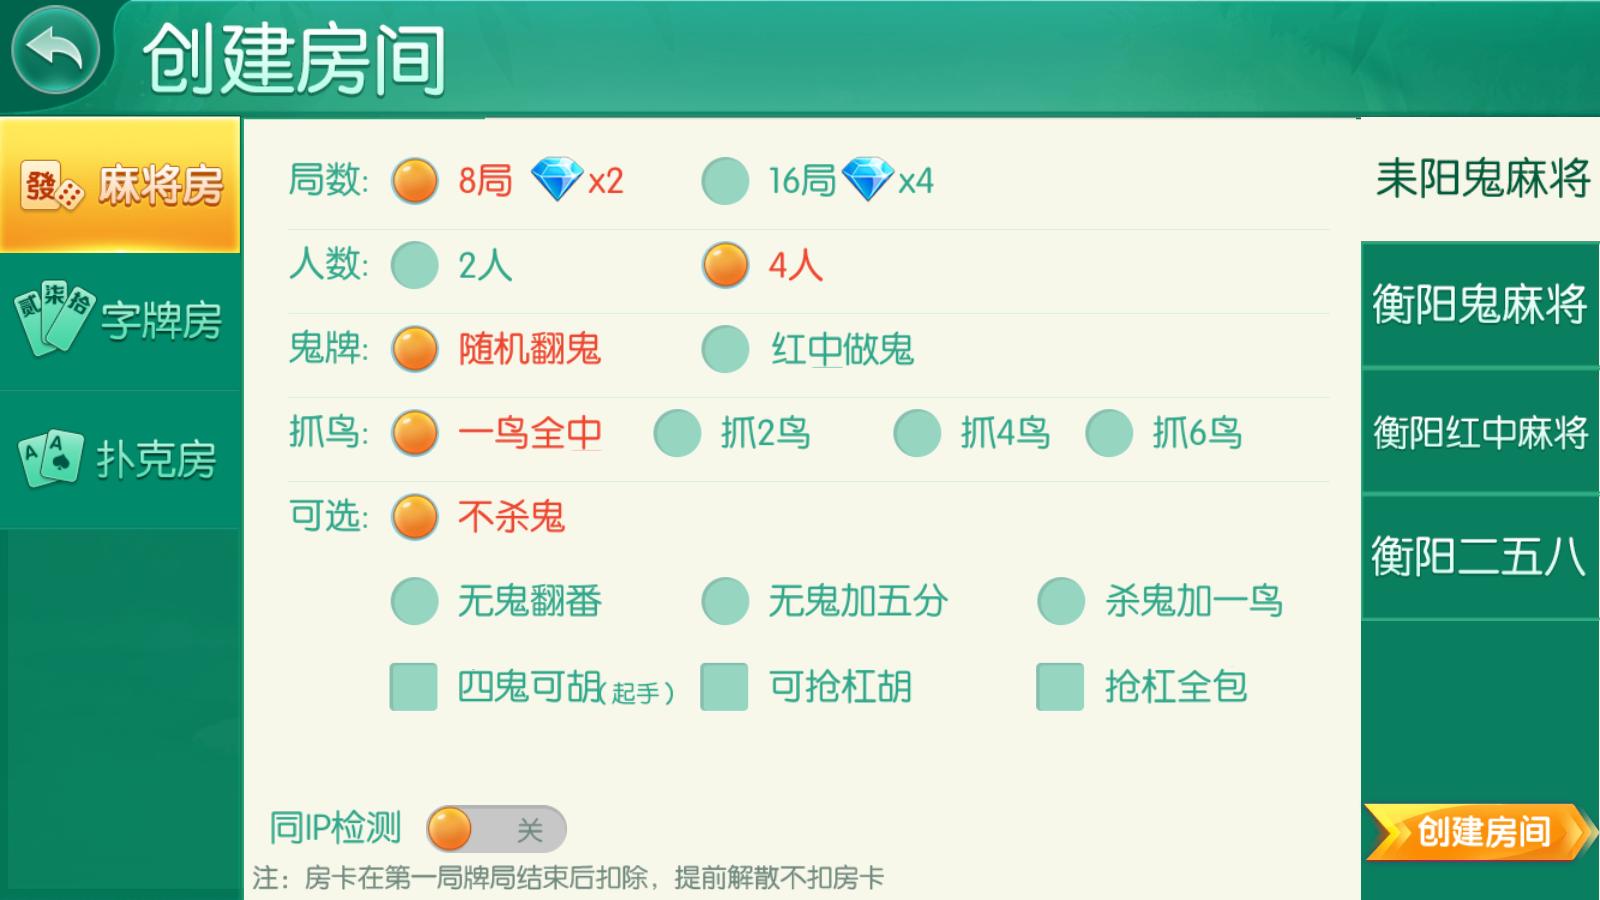 网狐二开跑胡子合集 麻将游戏 字牌游戏 扑克游戏 完整整理-第11张